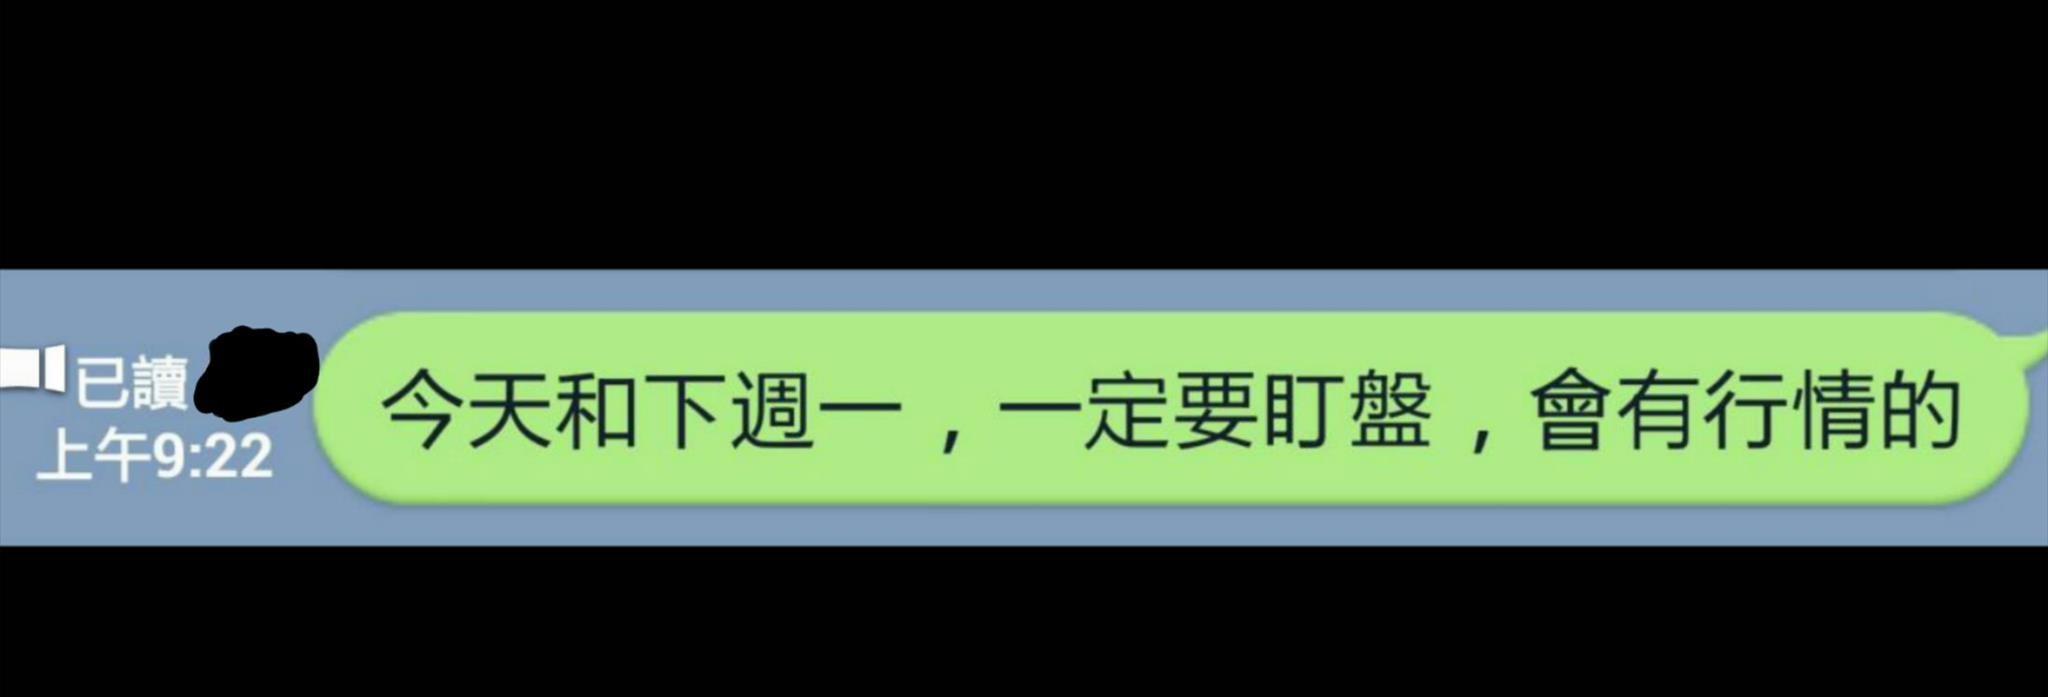 避開股災平安快樂_209